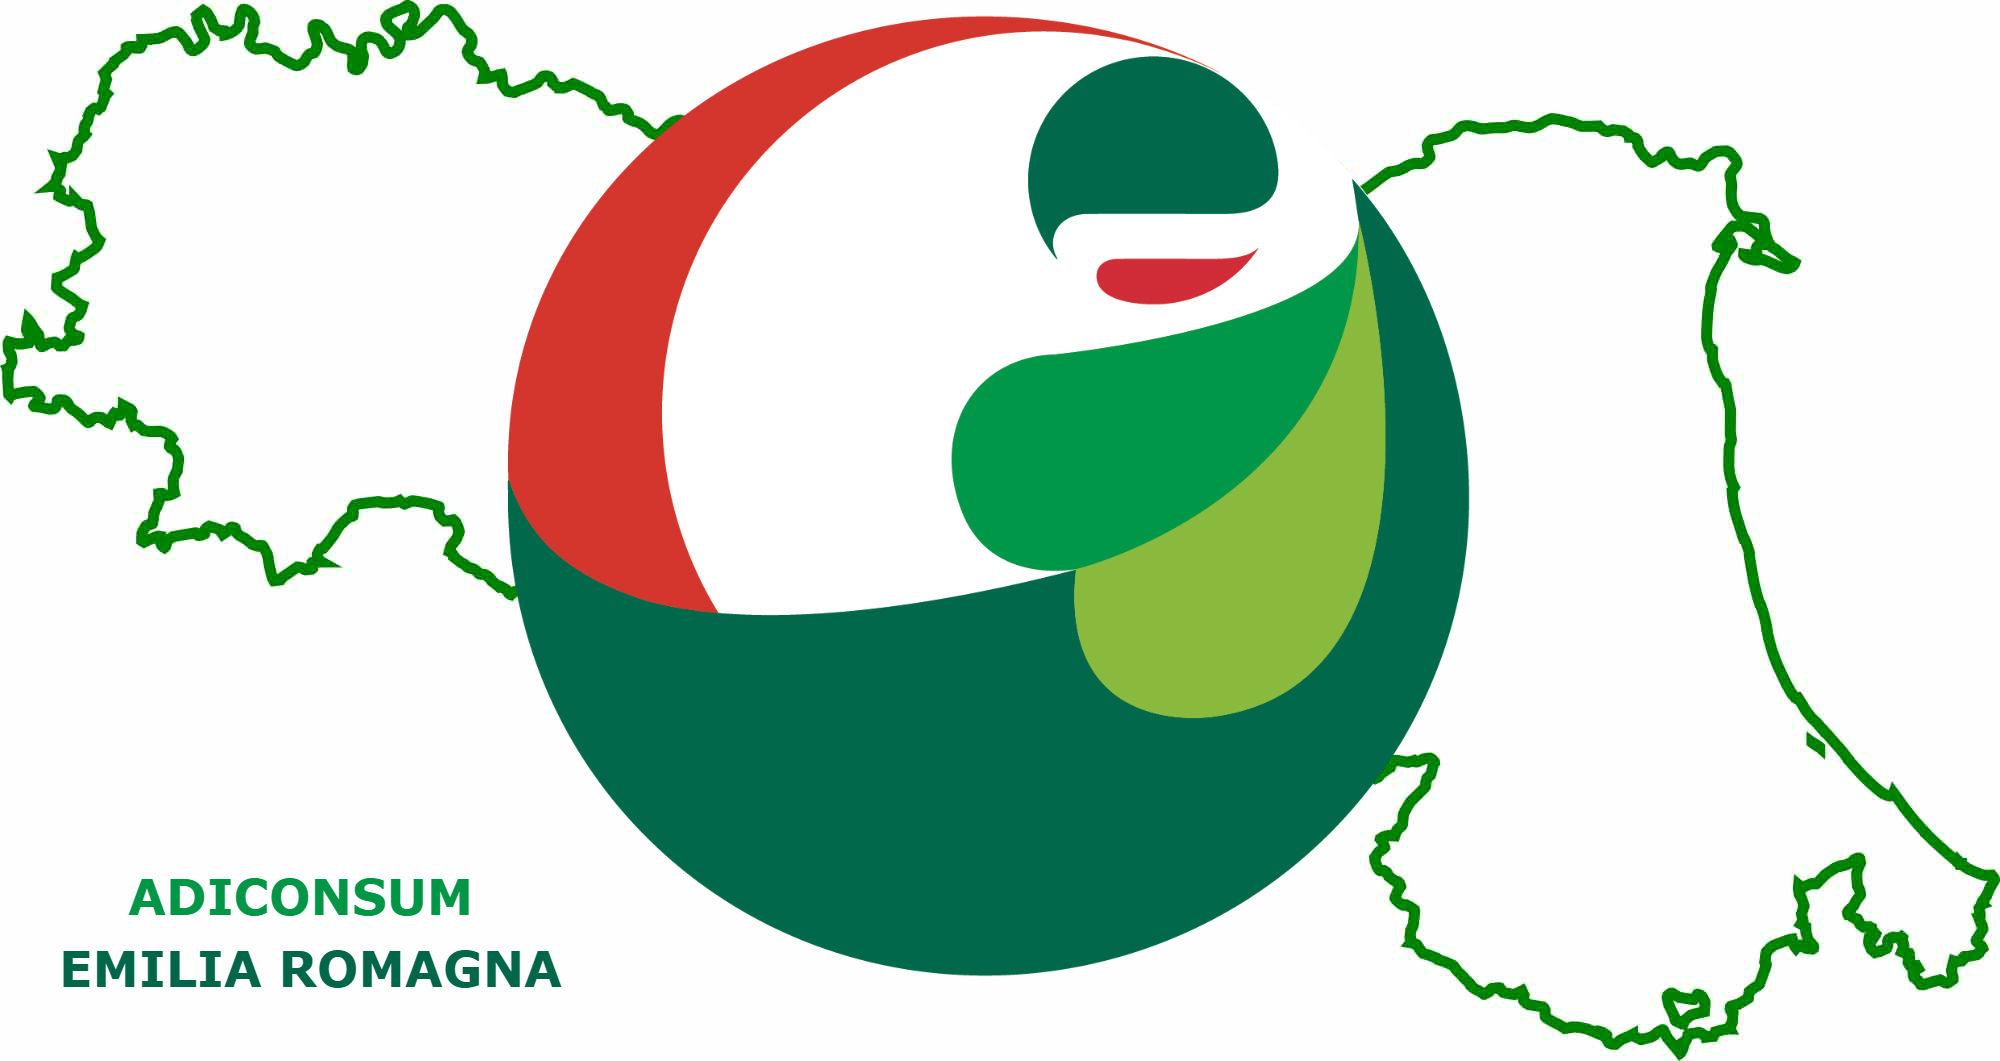 Adiconsum - Emilia Romagna